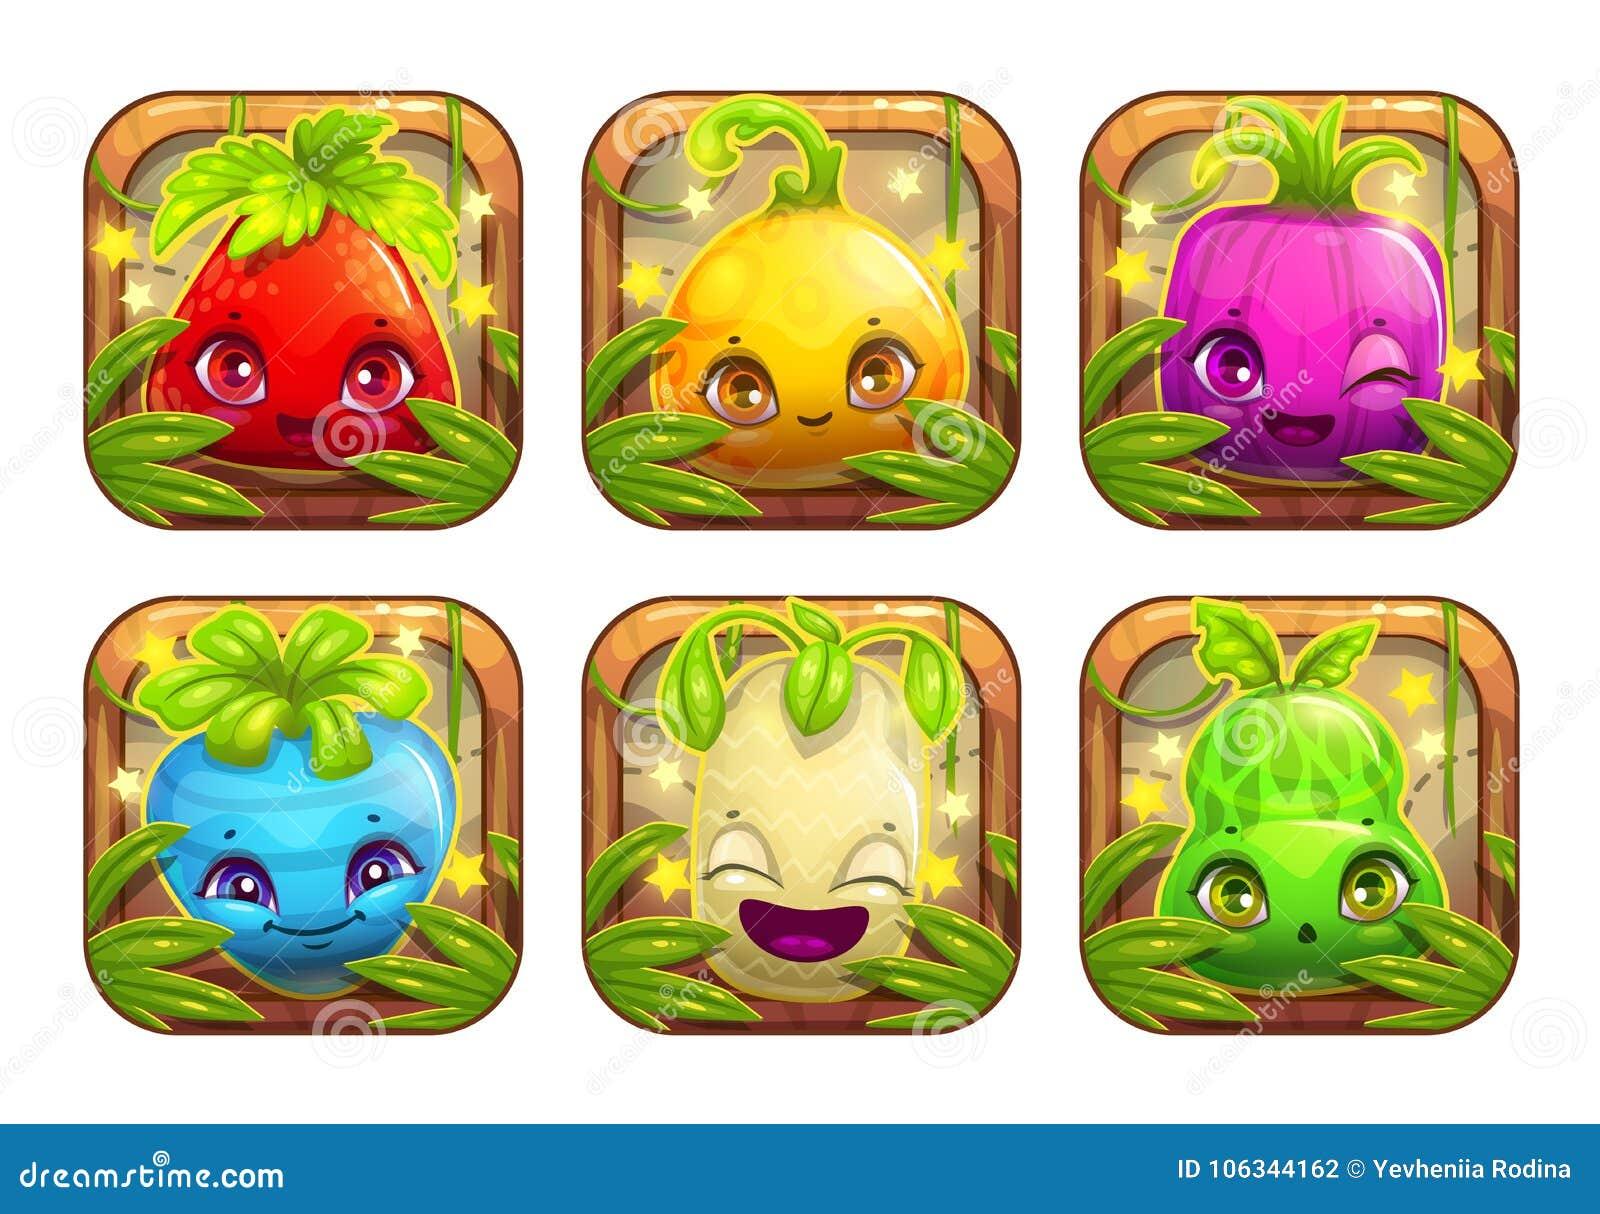 App ikony z ślicznymi kreskówki rośliny potworami